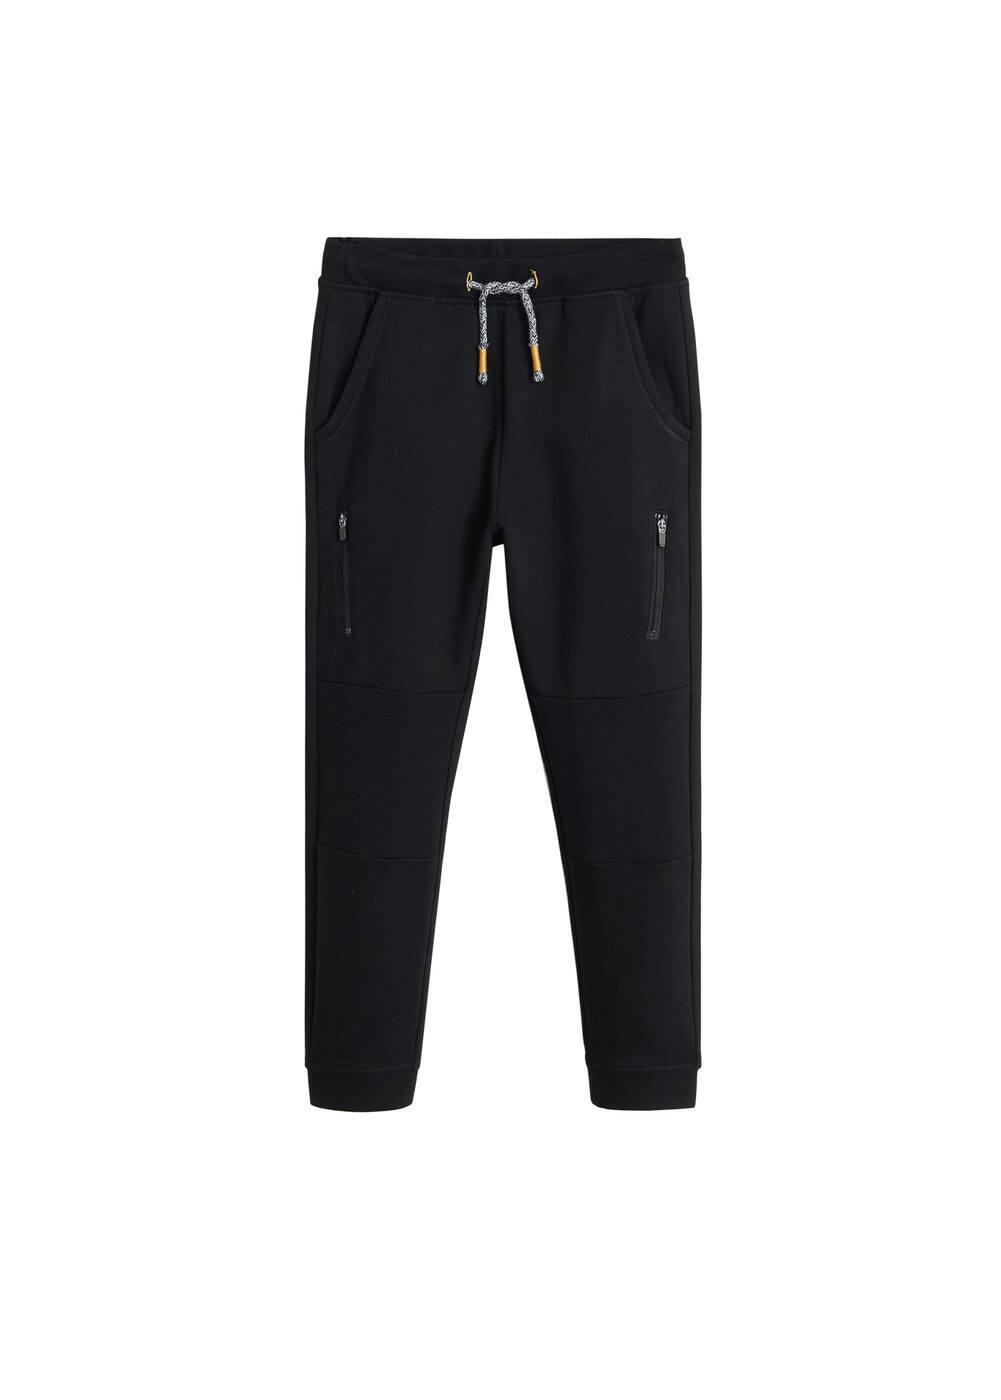 o-lewis:pantalon jogger cremalleras